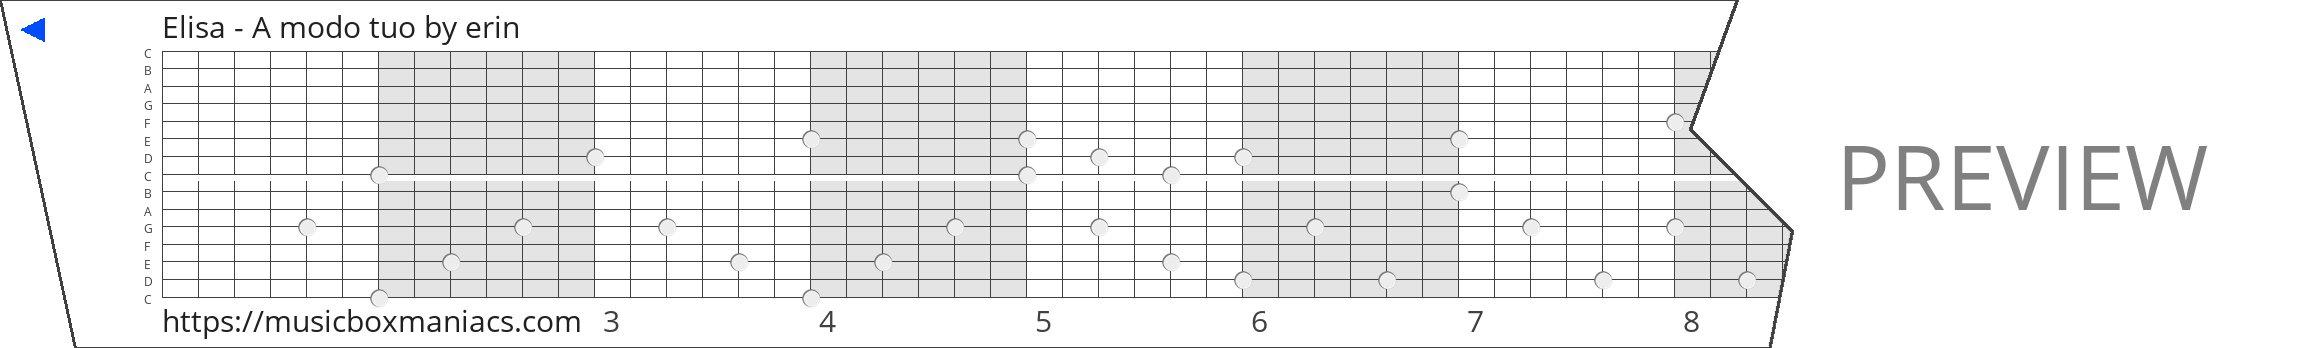 Elisa - A modo tuo 15 note music box paper strip